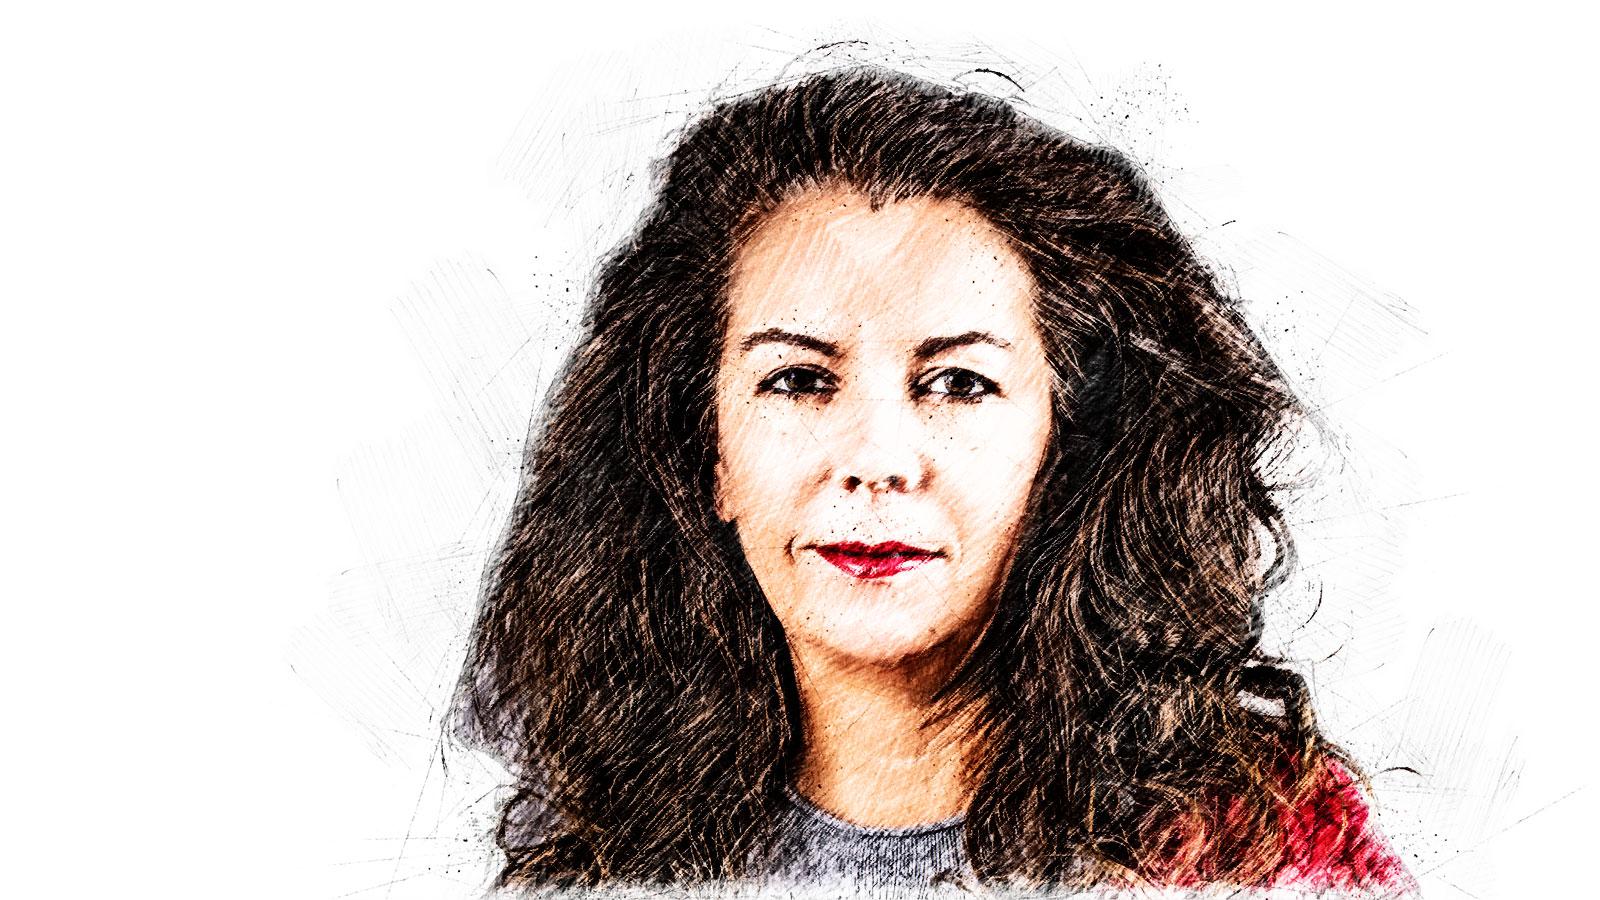 Carmen Colinas, Migranten, Ausländer, Journalistin, binationale Paare, Rassismus, Diskriminierung